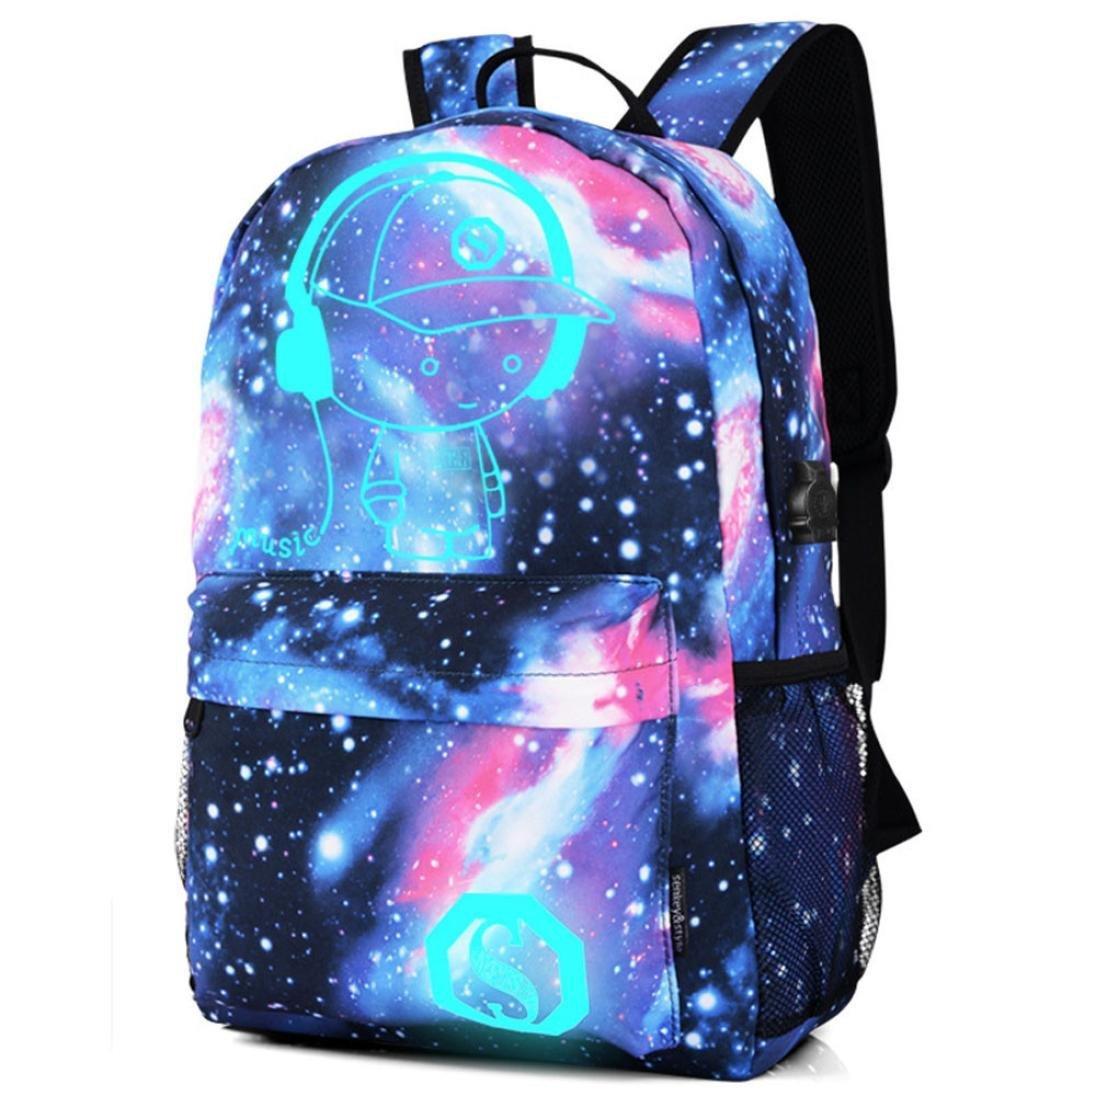 Backpack Students Galaxy Color Canvas Shoulder Bag School Bag Travel Tote Backpack Satchel (30cm, Blue)